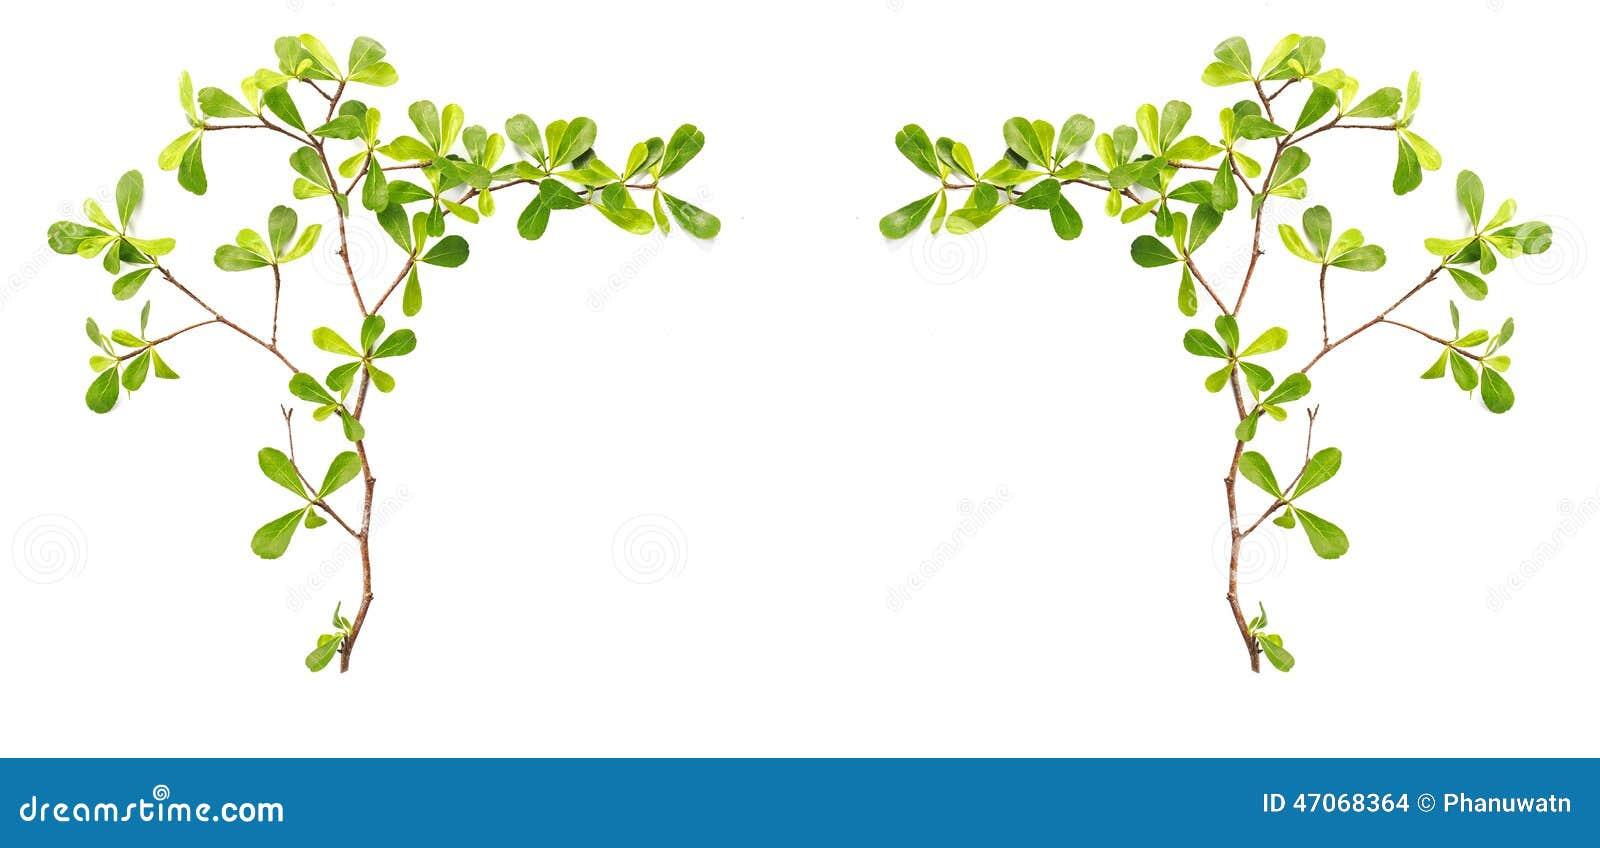 Rama De árbol Y Hoja Verde Aisladas En El Fondo Blanco